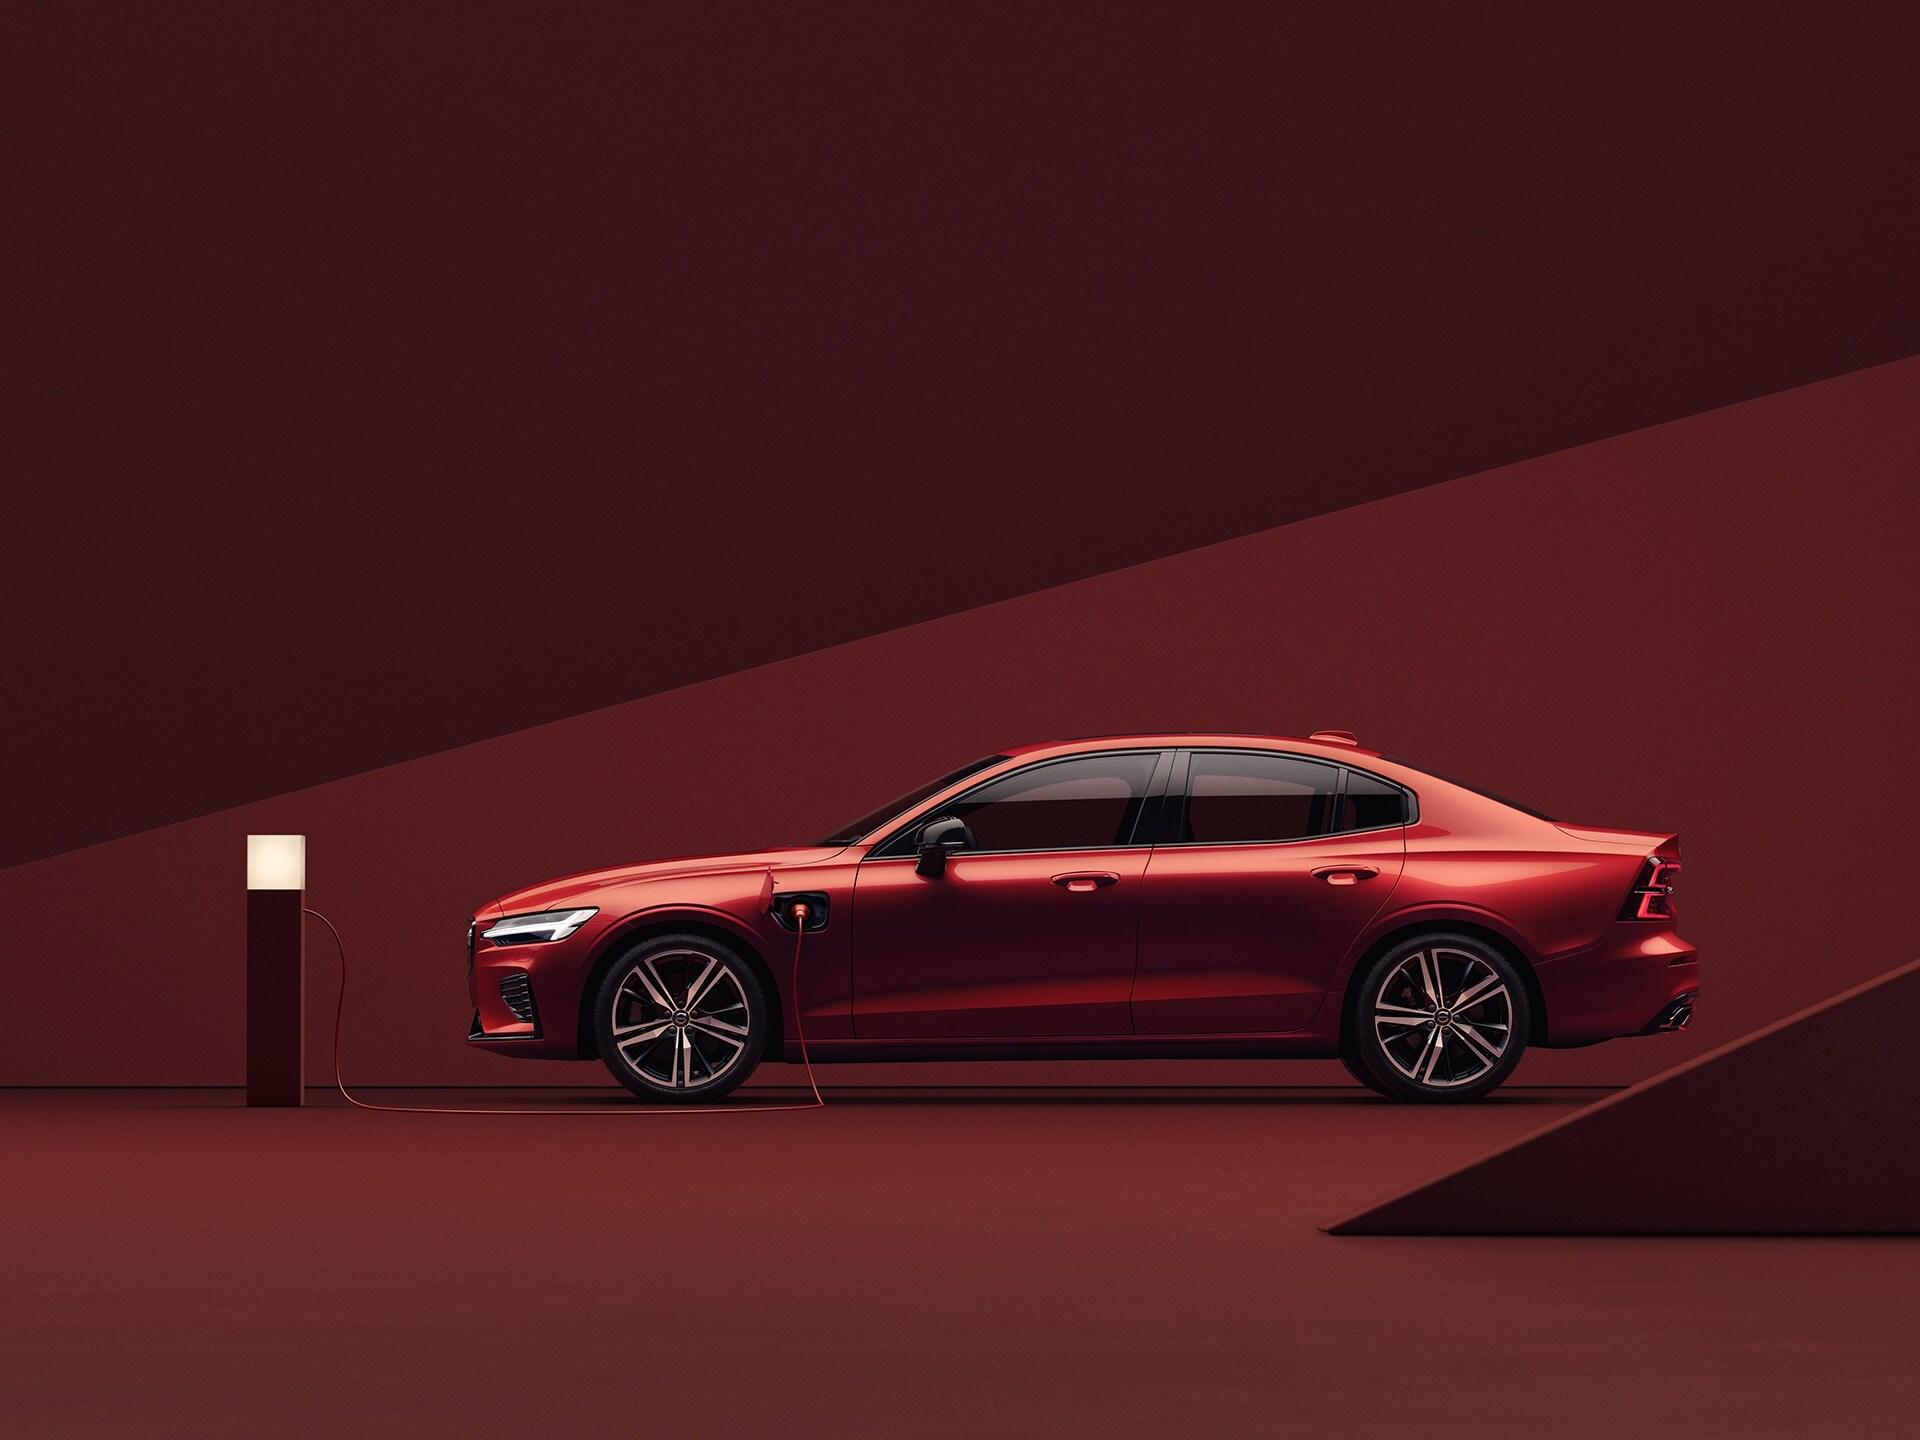 Qırmızı Volvo S60 Recharge hər tərəfi qırmızı rəngə boyanmış mühitdə şarj olunur.